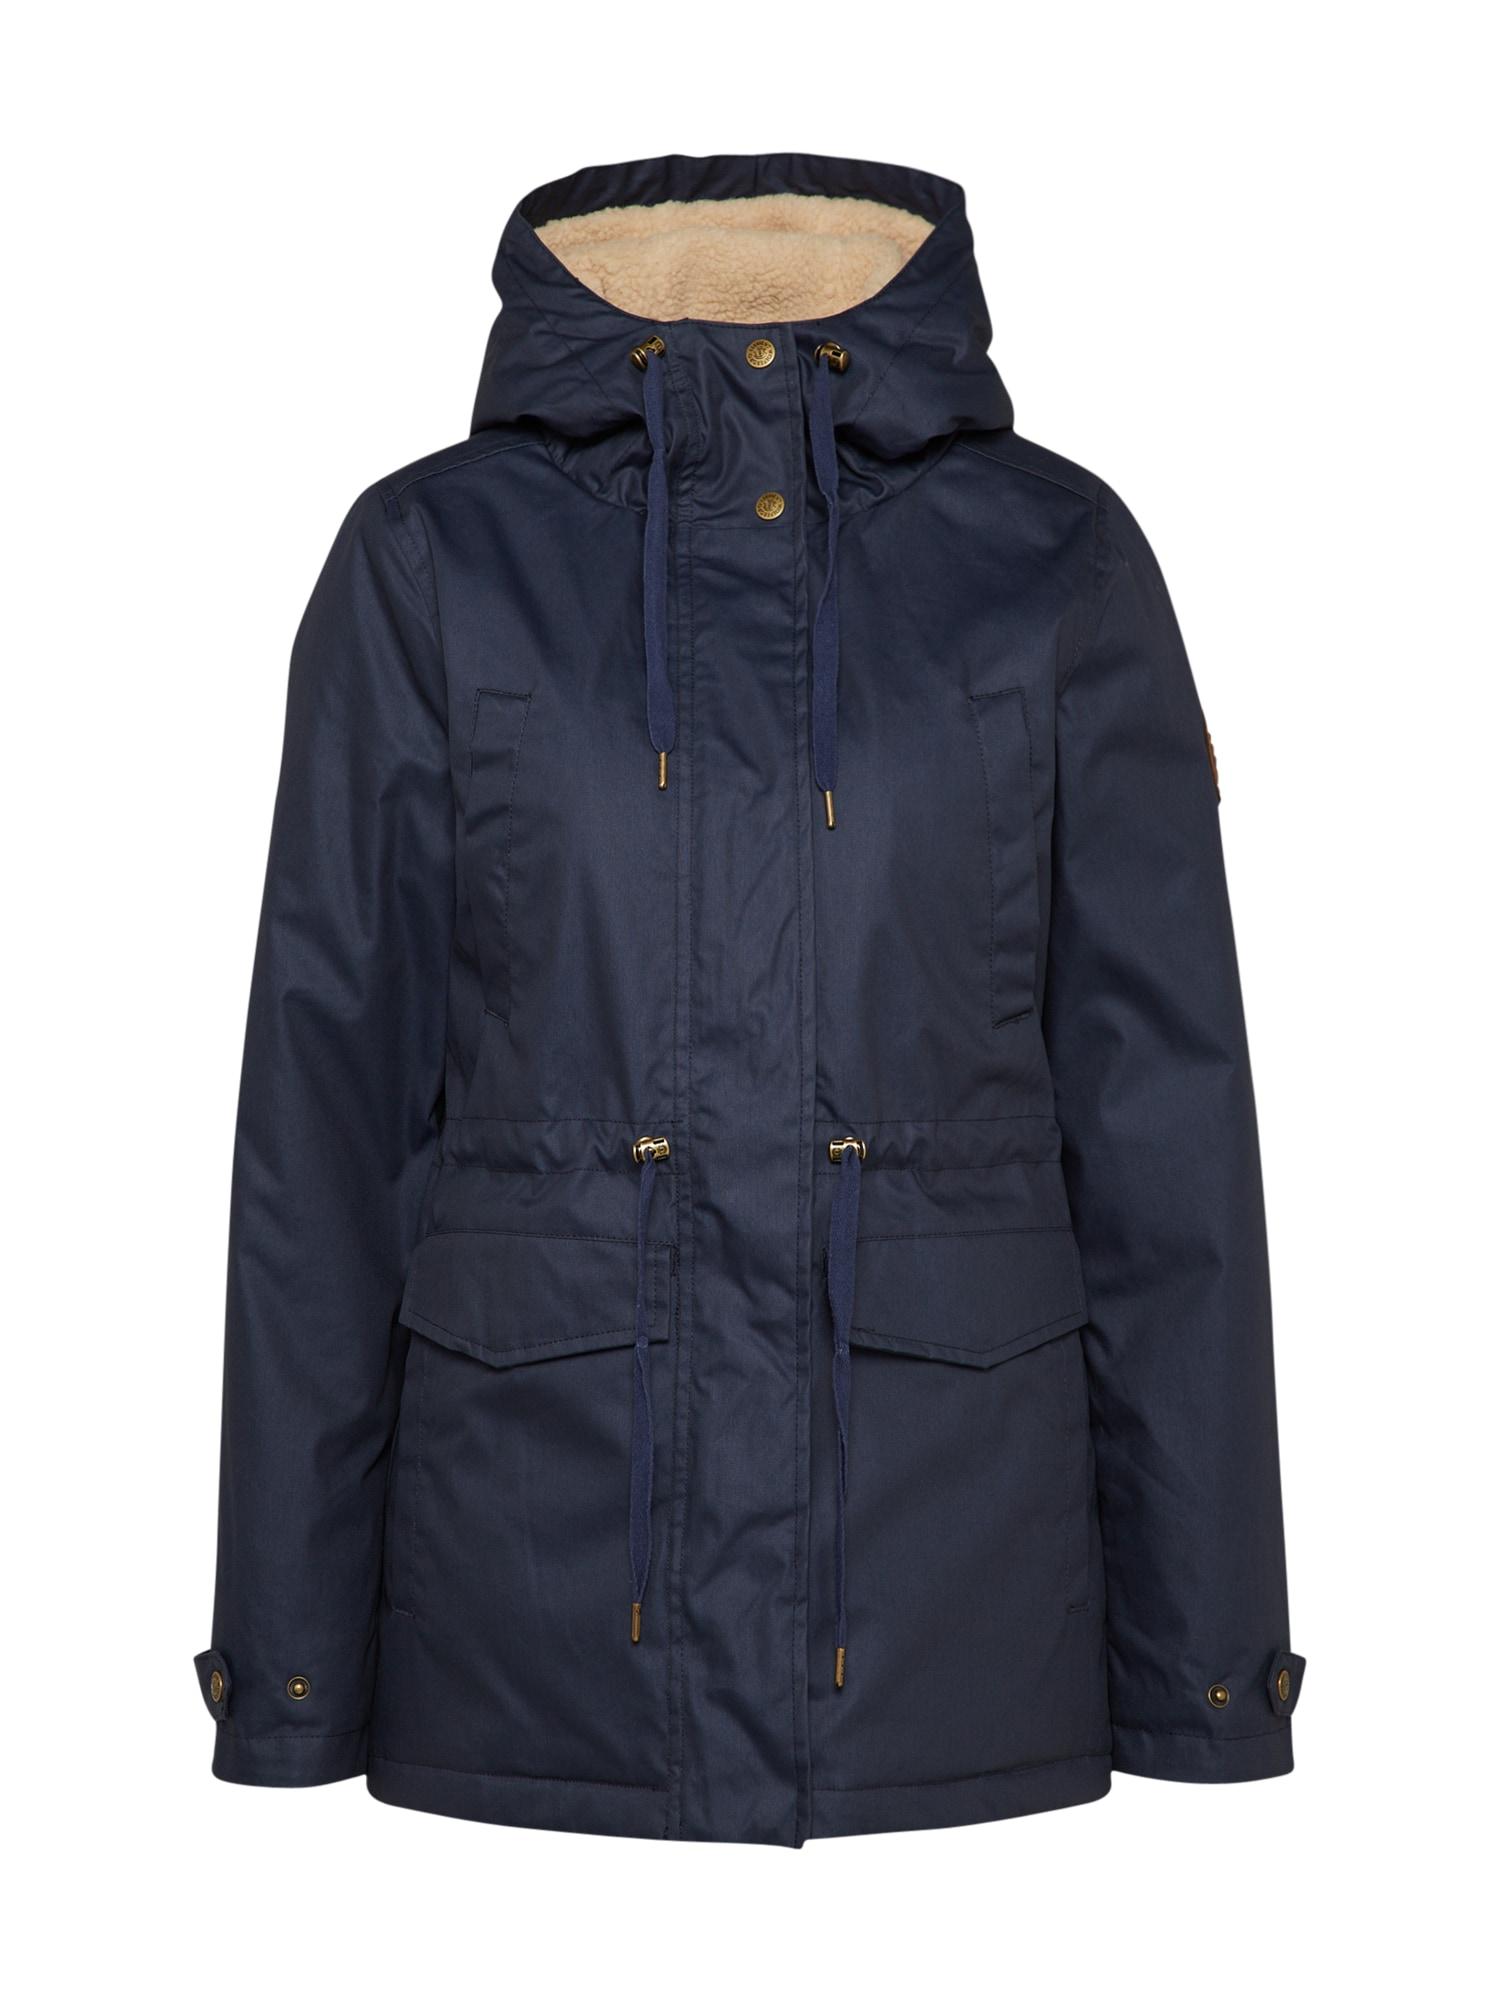 Přechodná bunda misty tmavě modrá ELEMENT